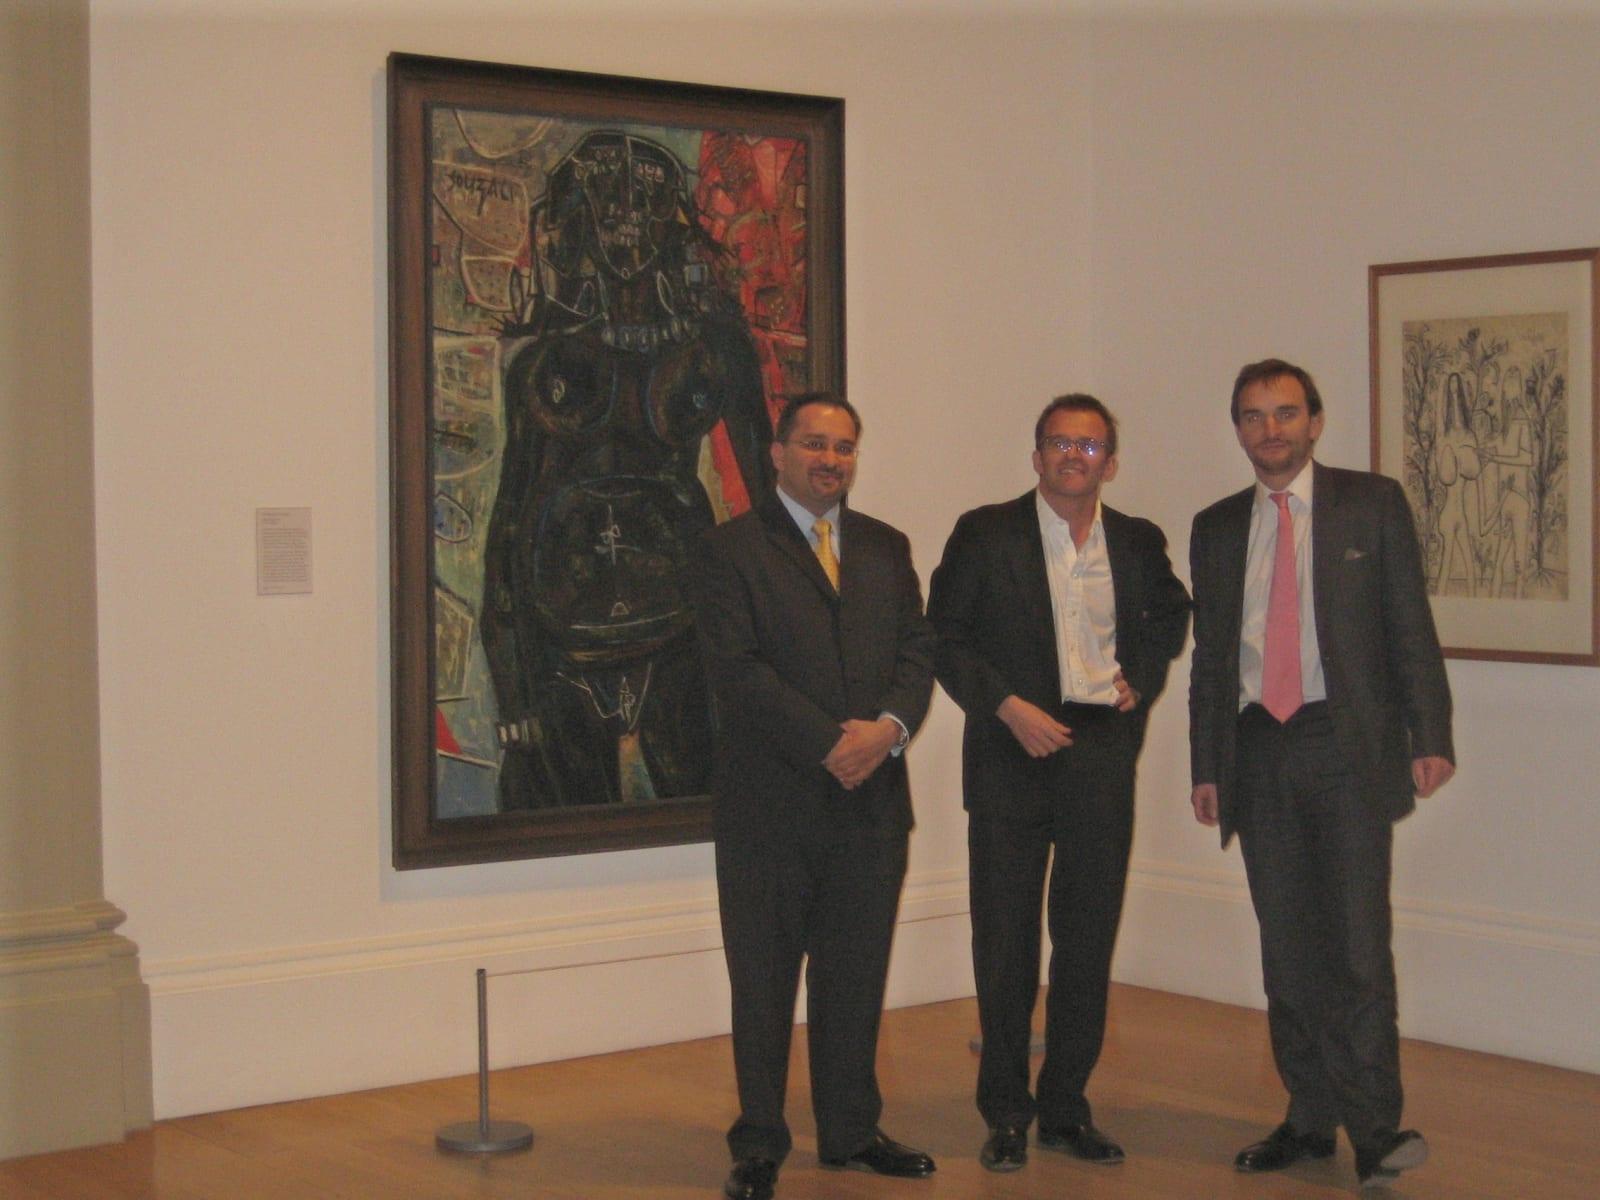 Francis Newton Souza at Tate Britain, 2005